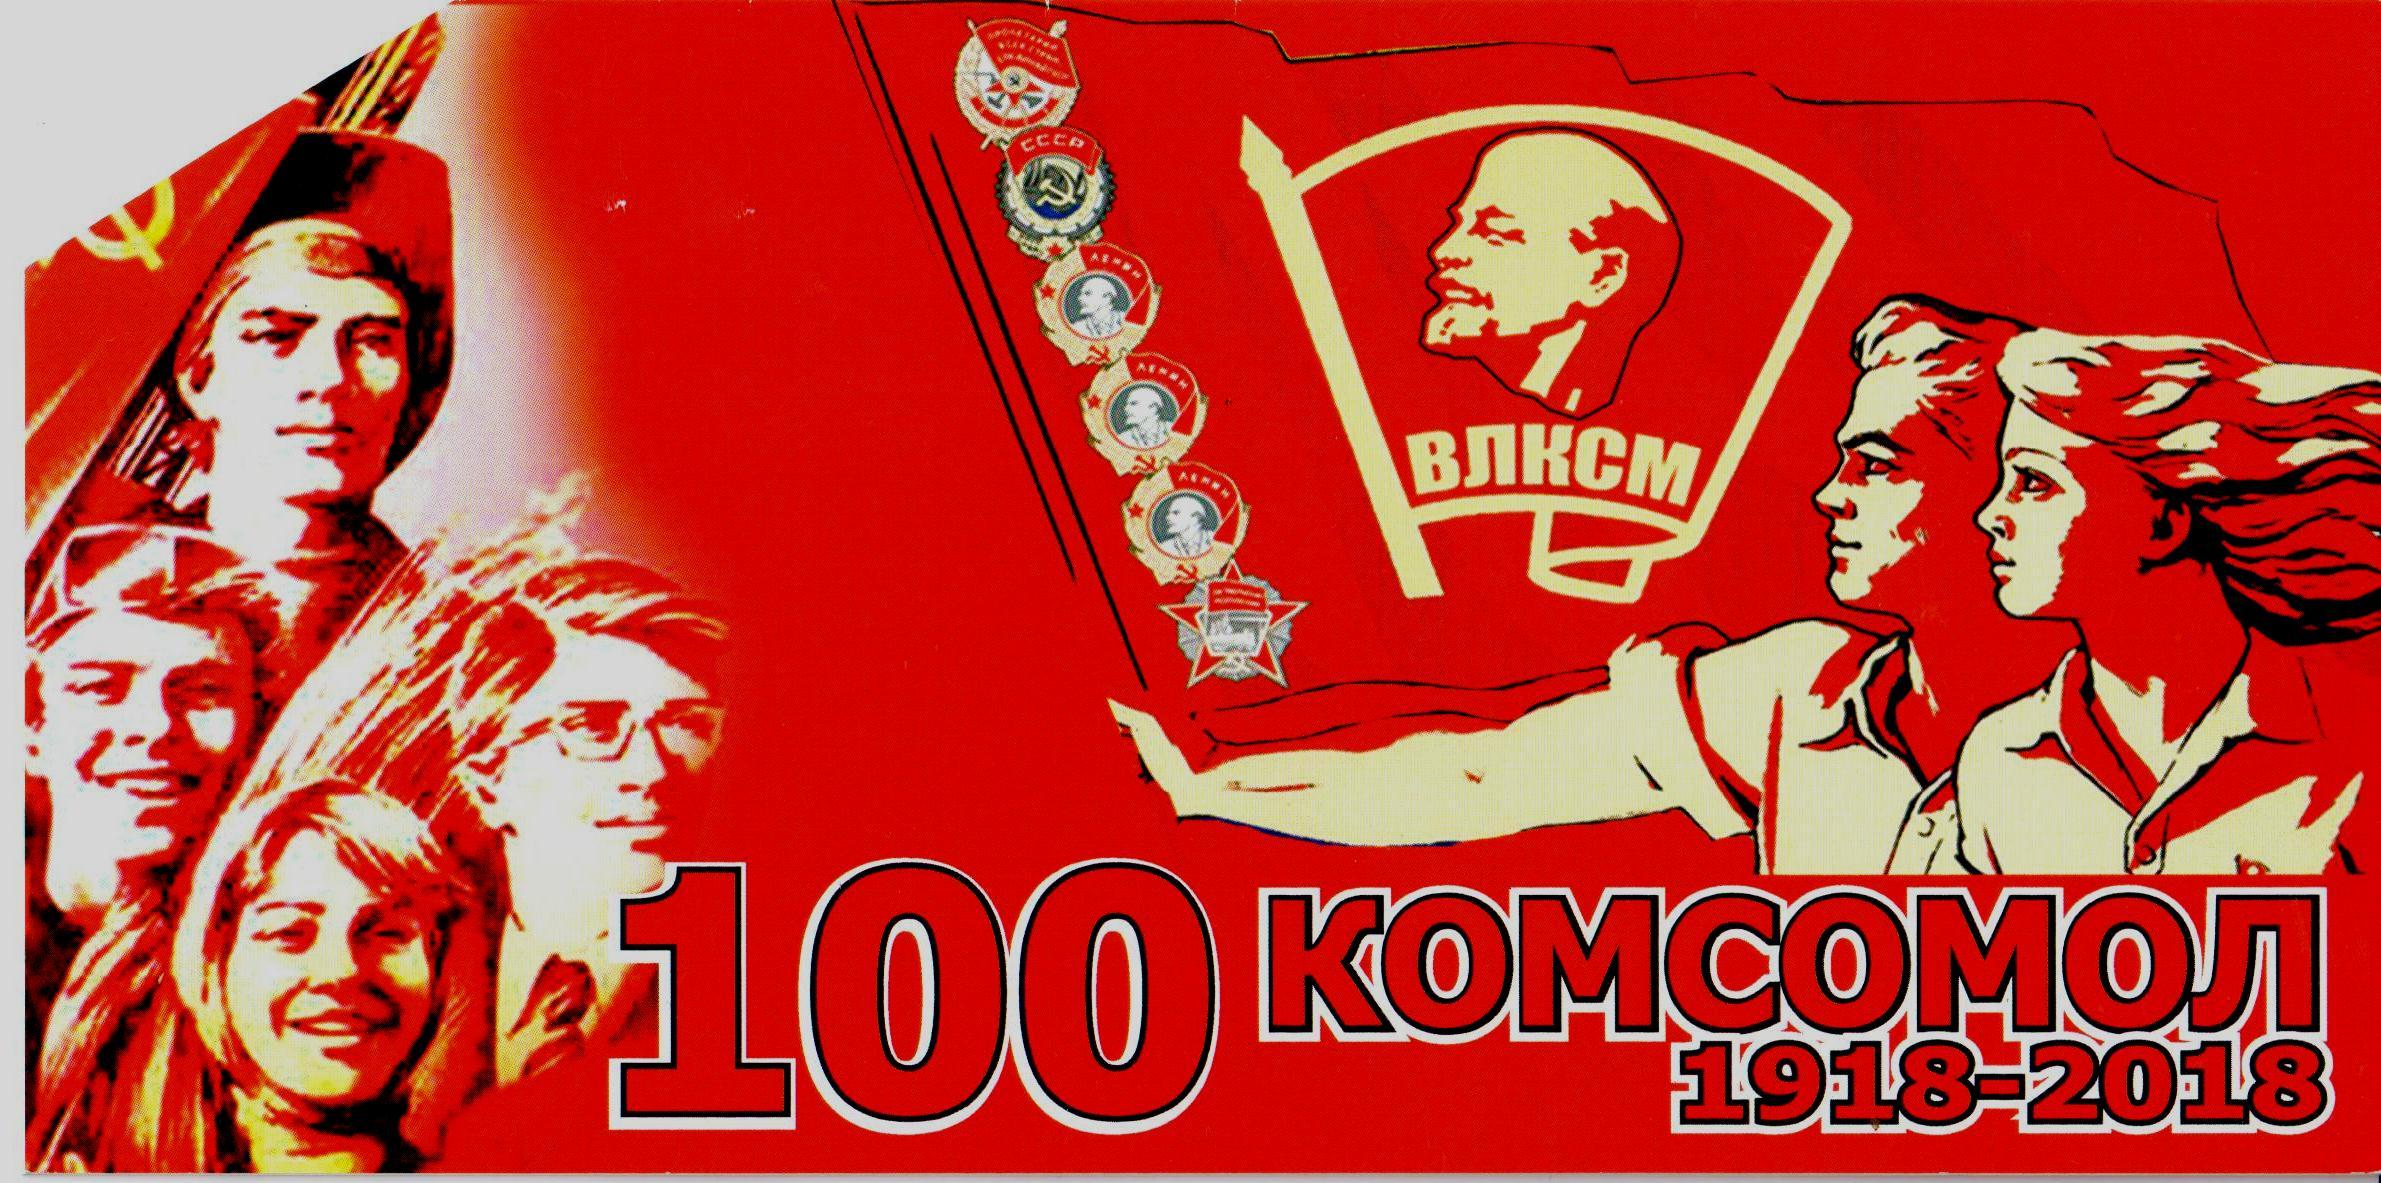 Открытки к 100 летию комсомола, днем